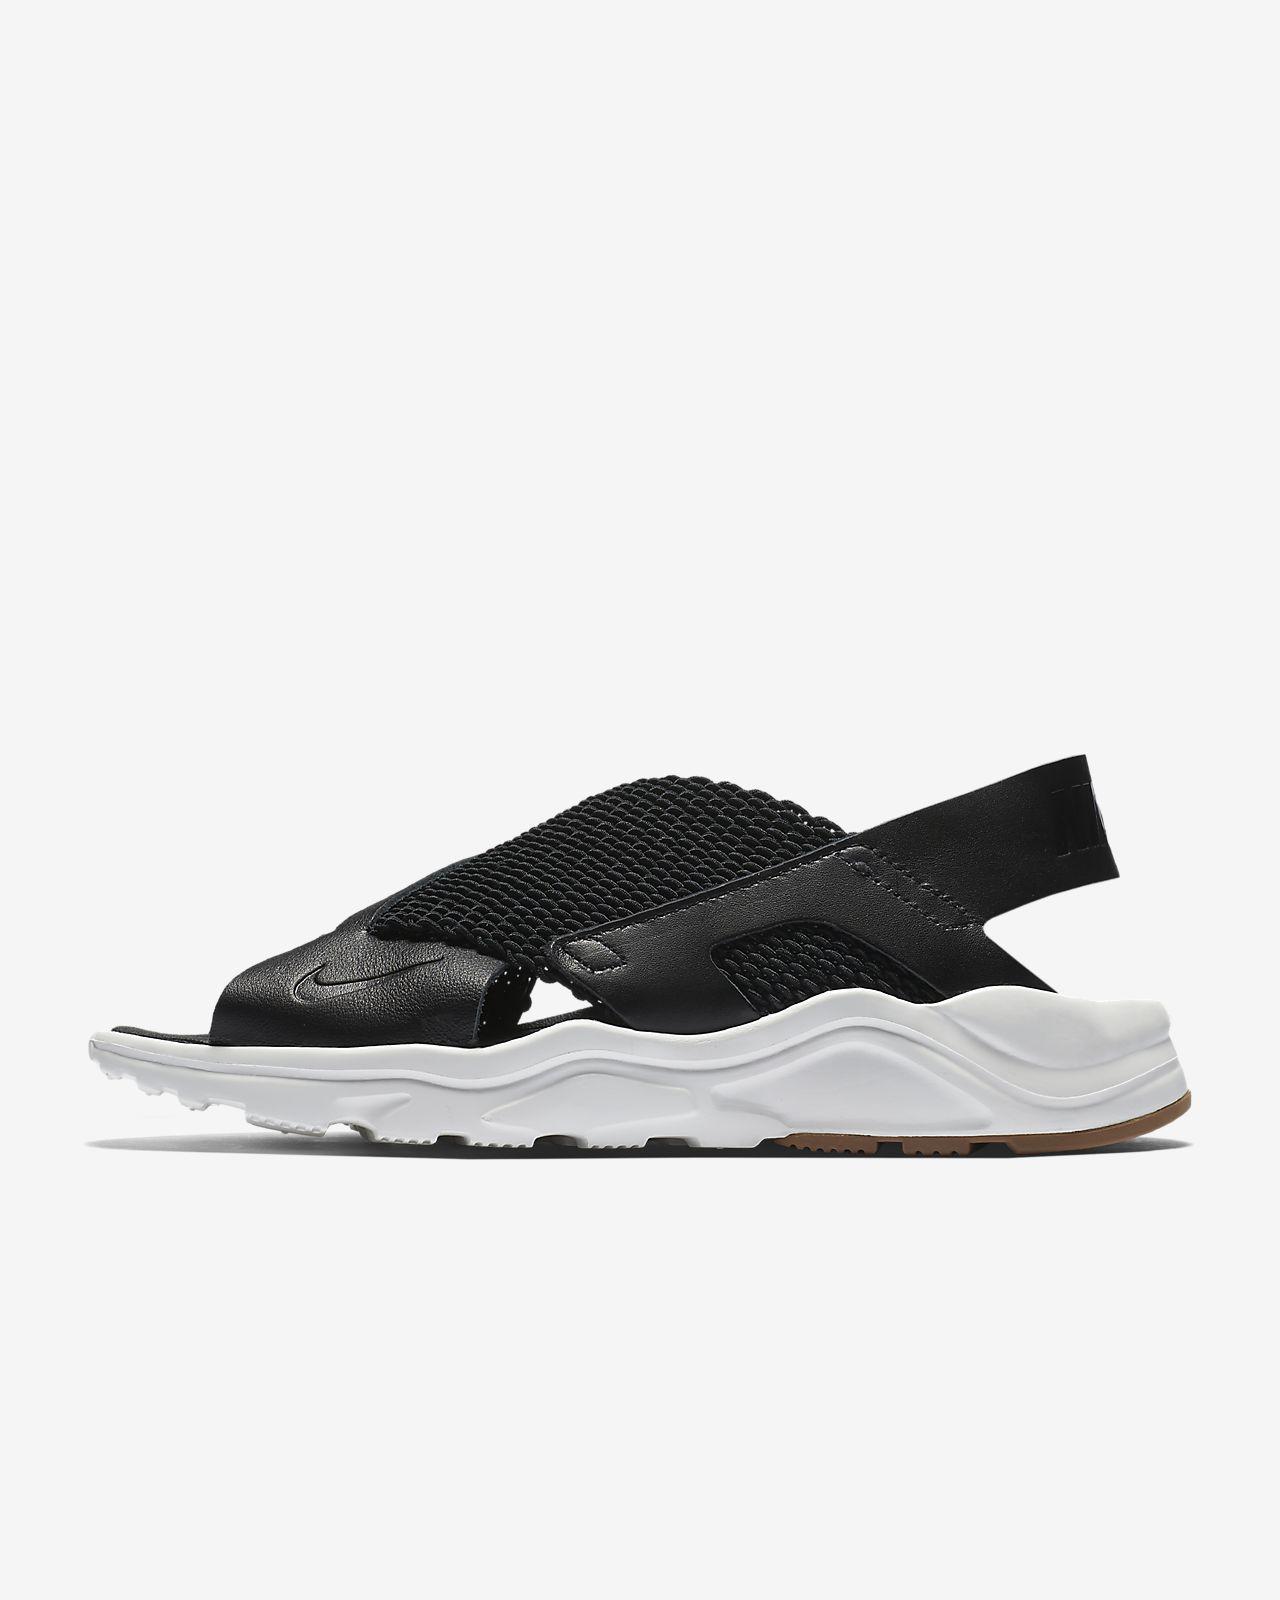 Huarache Sandale Nike Nike Nike Huarache Nike Huarache Sandale Sandale Huarache Nike Huarache Sandale mv0w8nN